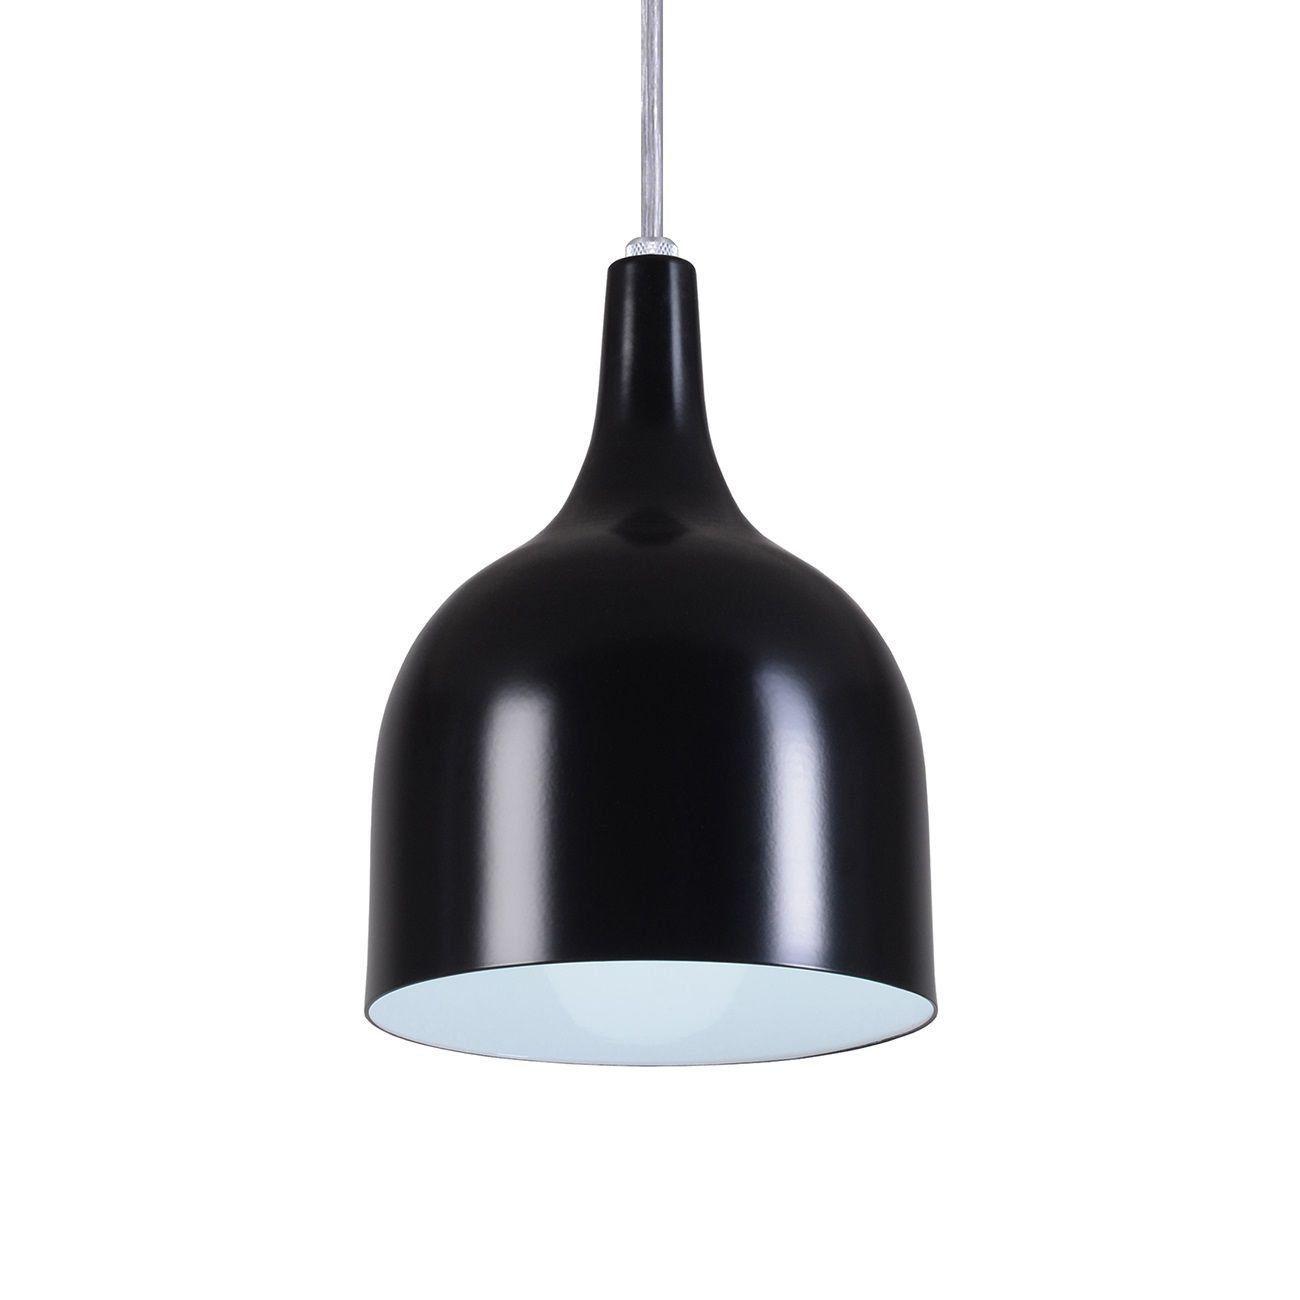 Pendente Gota Teat Luminária Lustre Alumínio Preto Fosco - Rei Da Iluminação